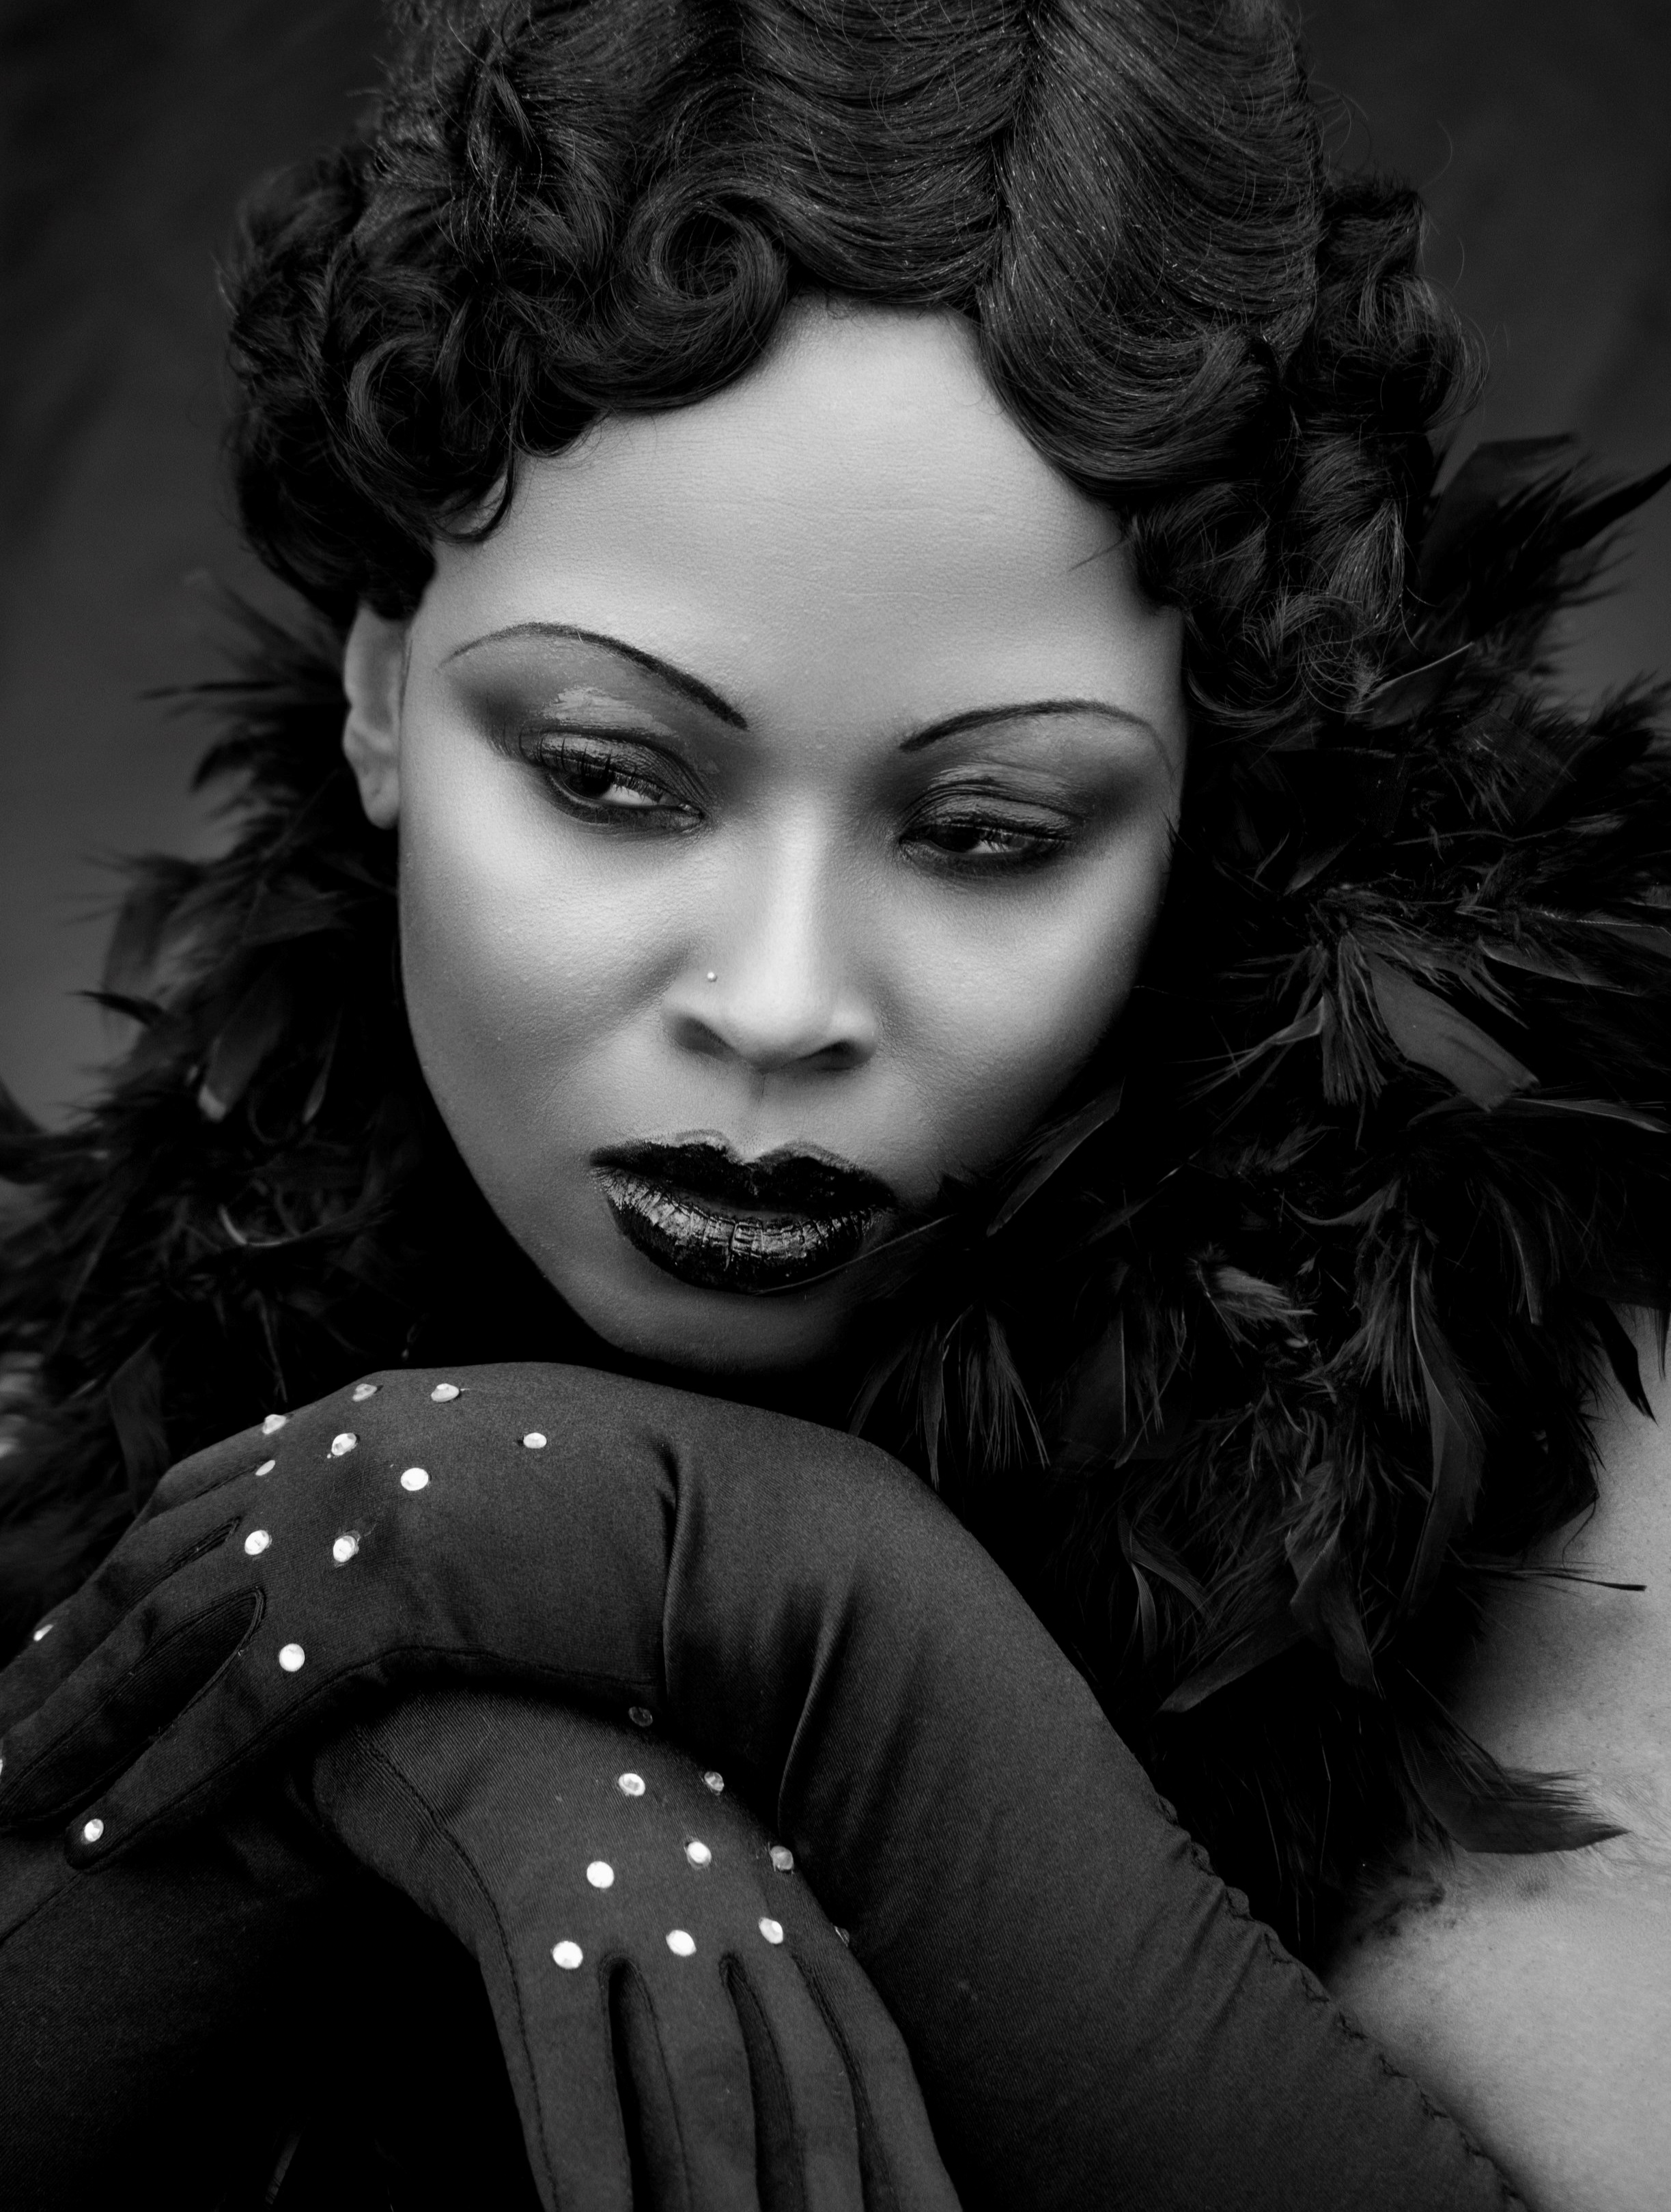 Coco Rose' (Burlesque Entertainer)